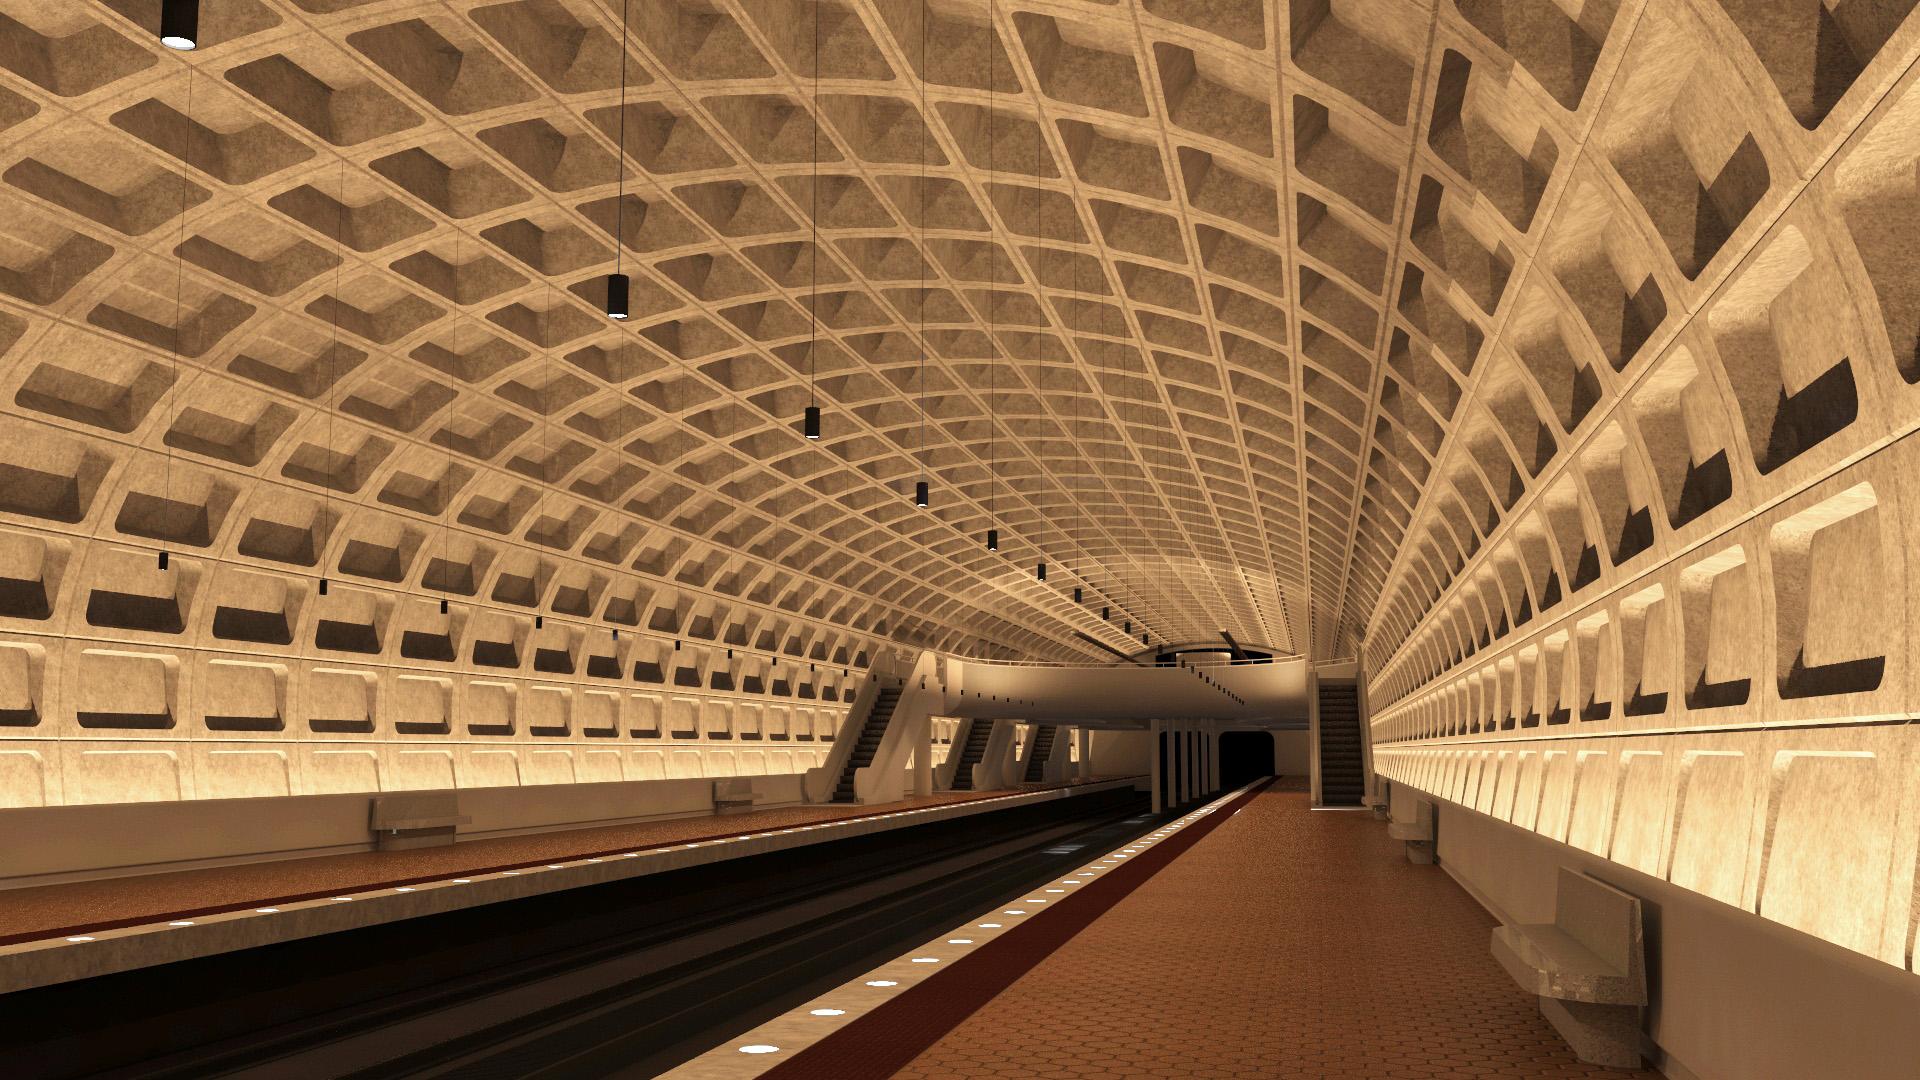 WMATA Metro Station